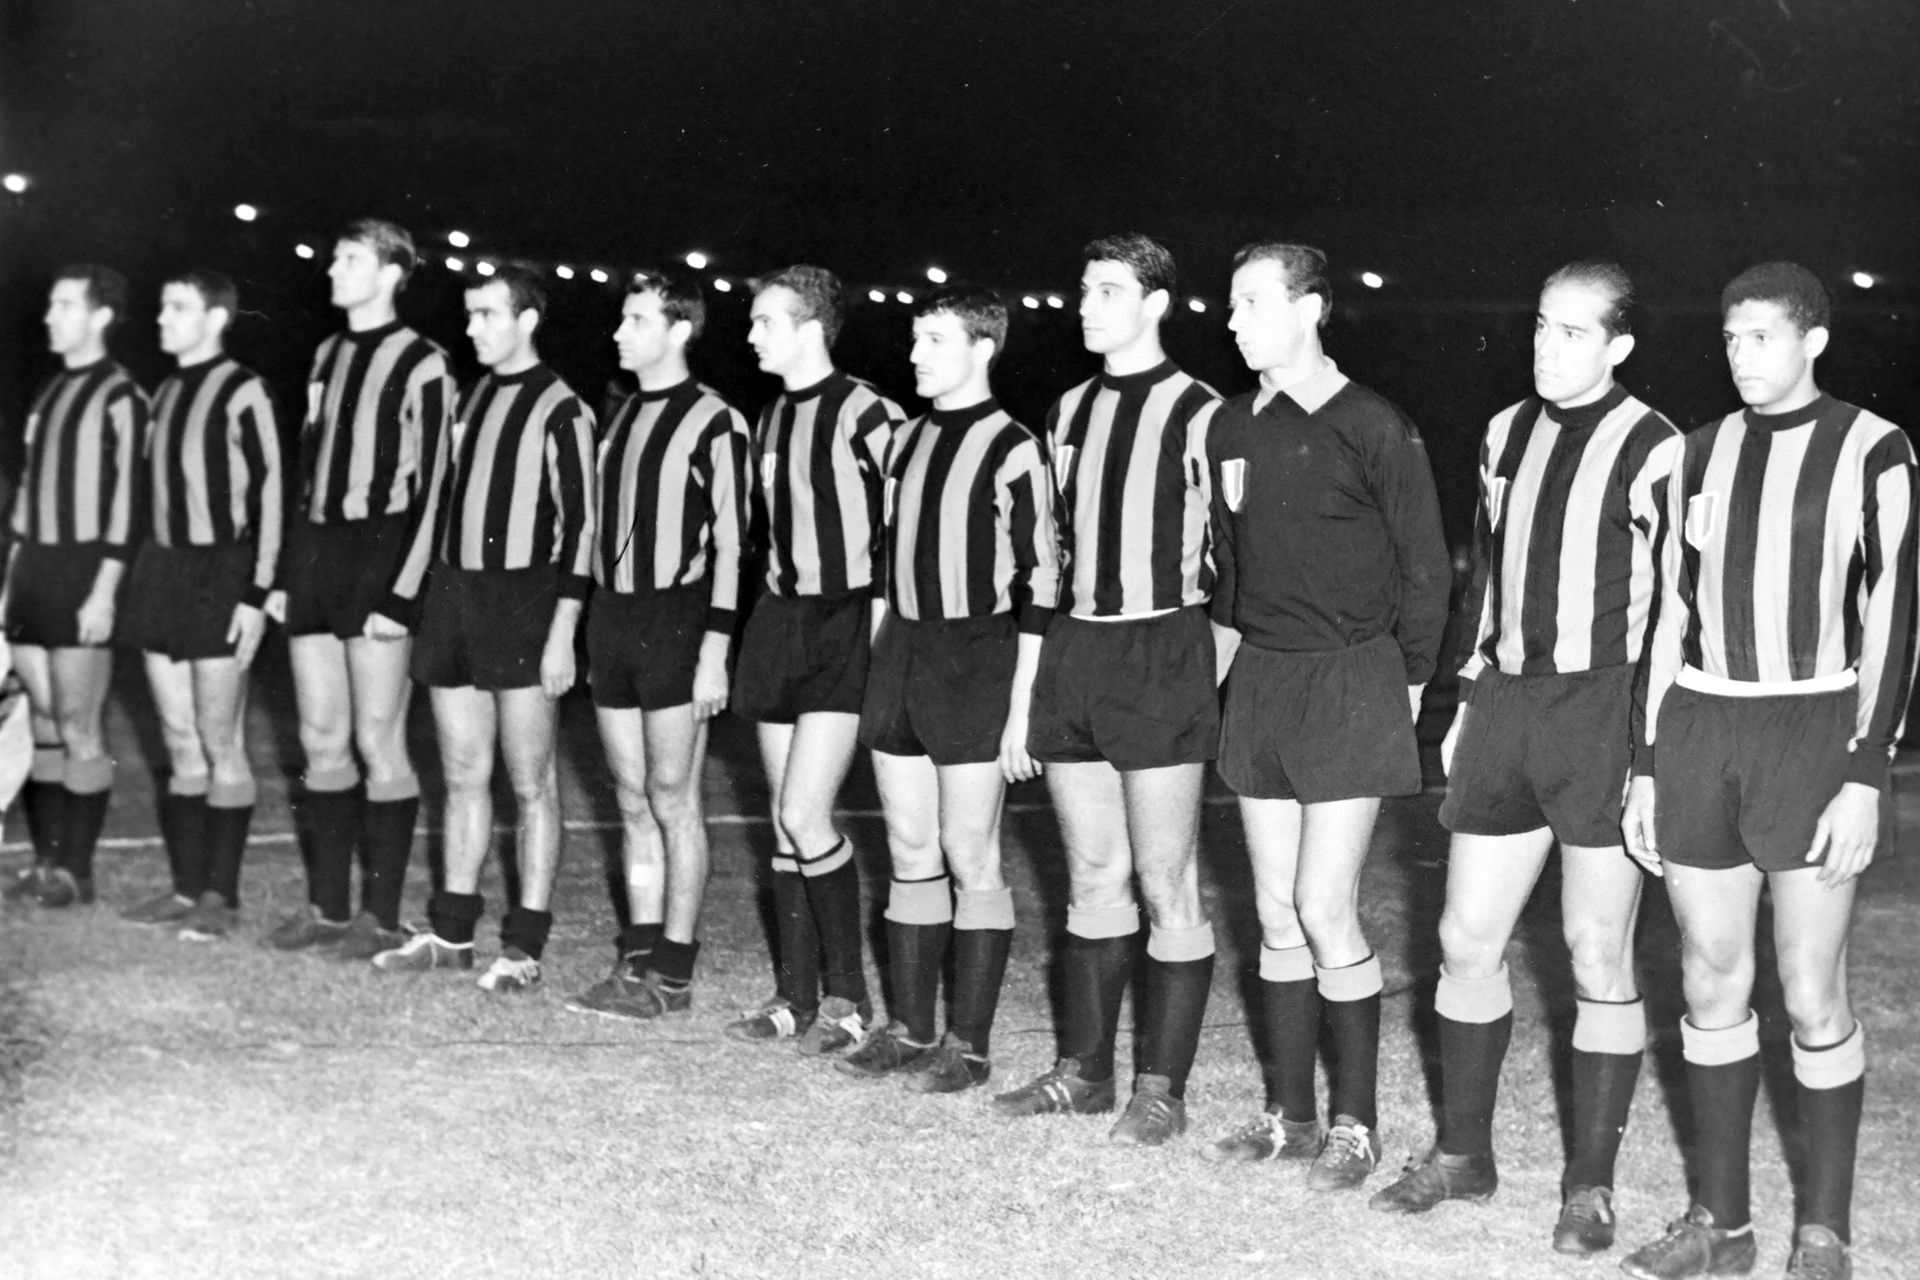 Luis Suárez (15 de septiembre de 1965): único español que ganó el Balón de Oro (1960); el elenco de Helenio Herrera empató 0-0 con Independiente (3-0 en la ida) y ganó la Intercontinental; Picchi, Burgnich, Facchetti, Corso, Peiró, Mazzola, Bedin, Guarneri, Sarti, Suárez y Jair